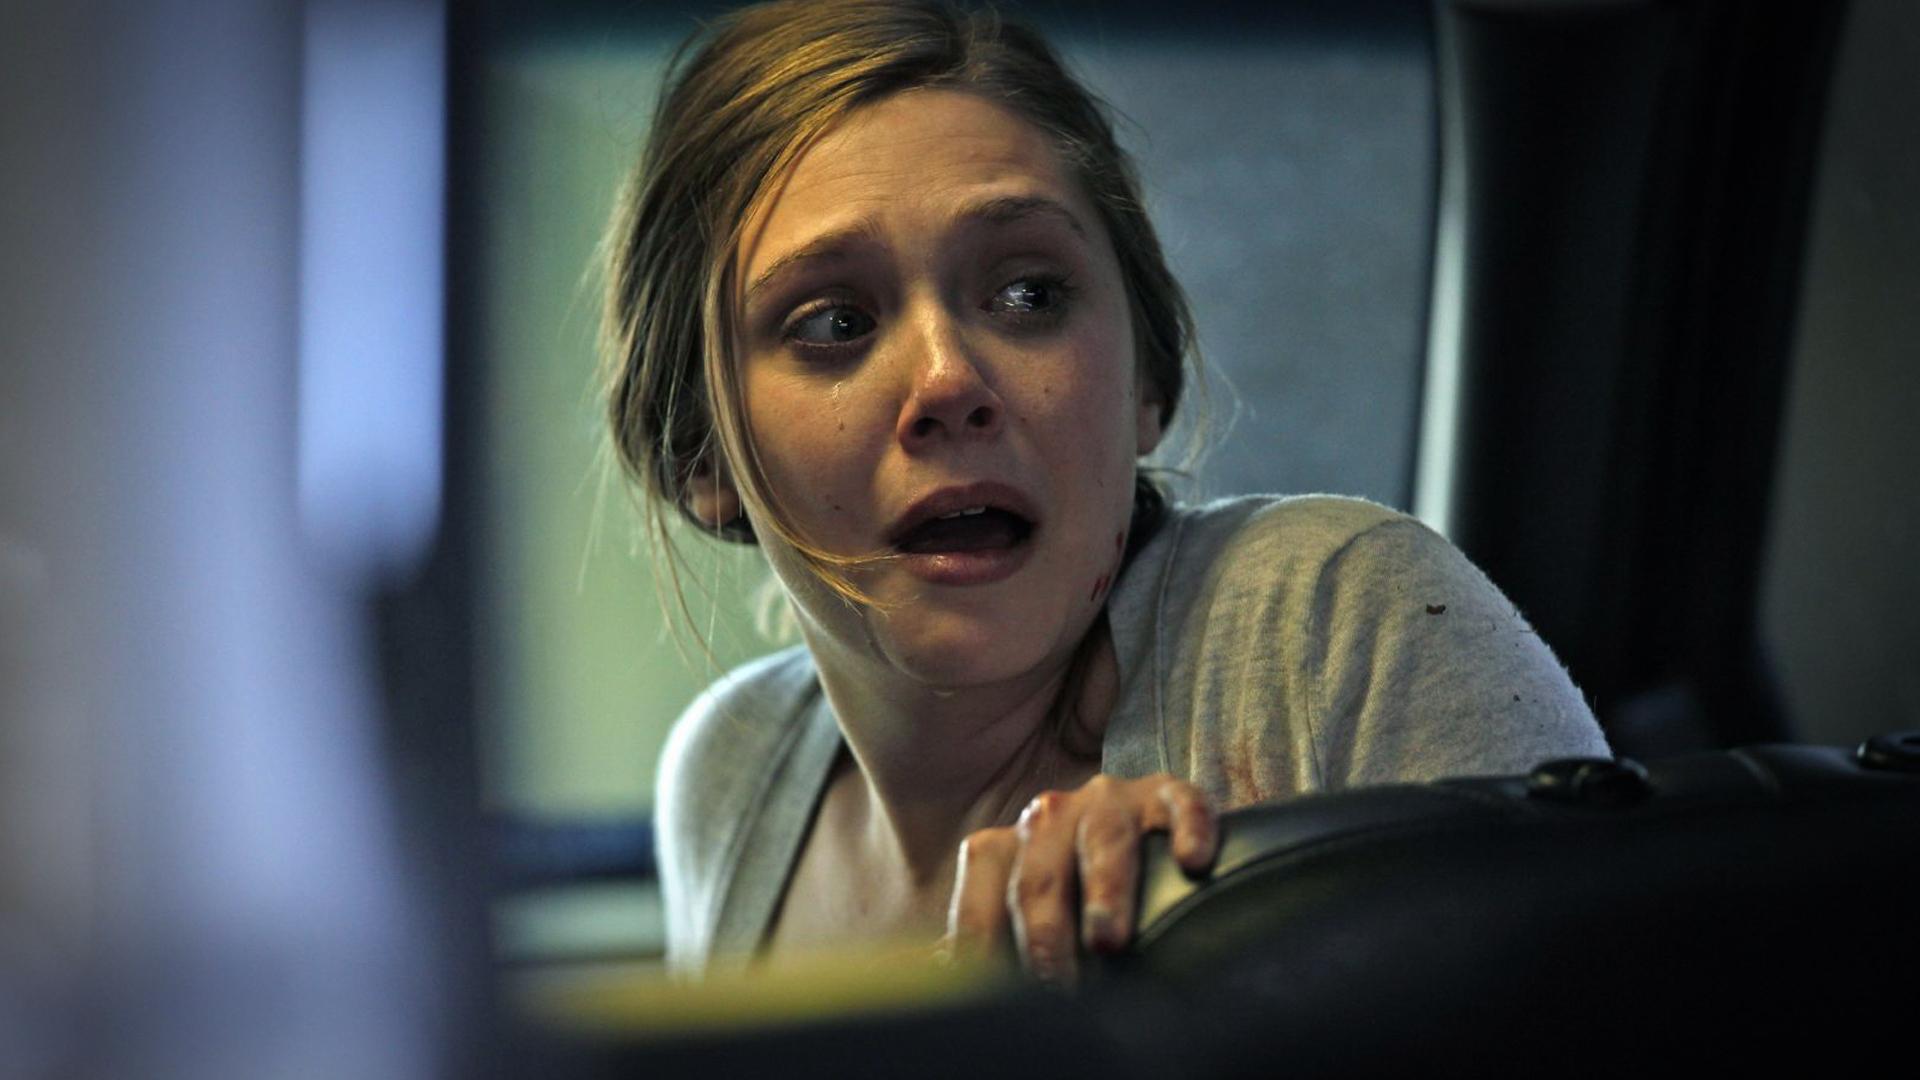 Amerikan Sinemasında Kötü Bir Şey Olacağının Habercisi Olan 16 Sahne - 1